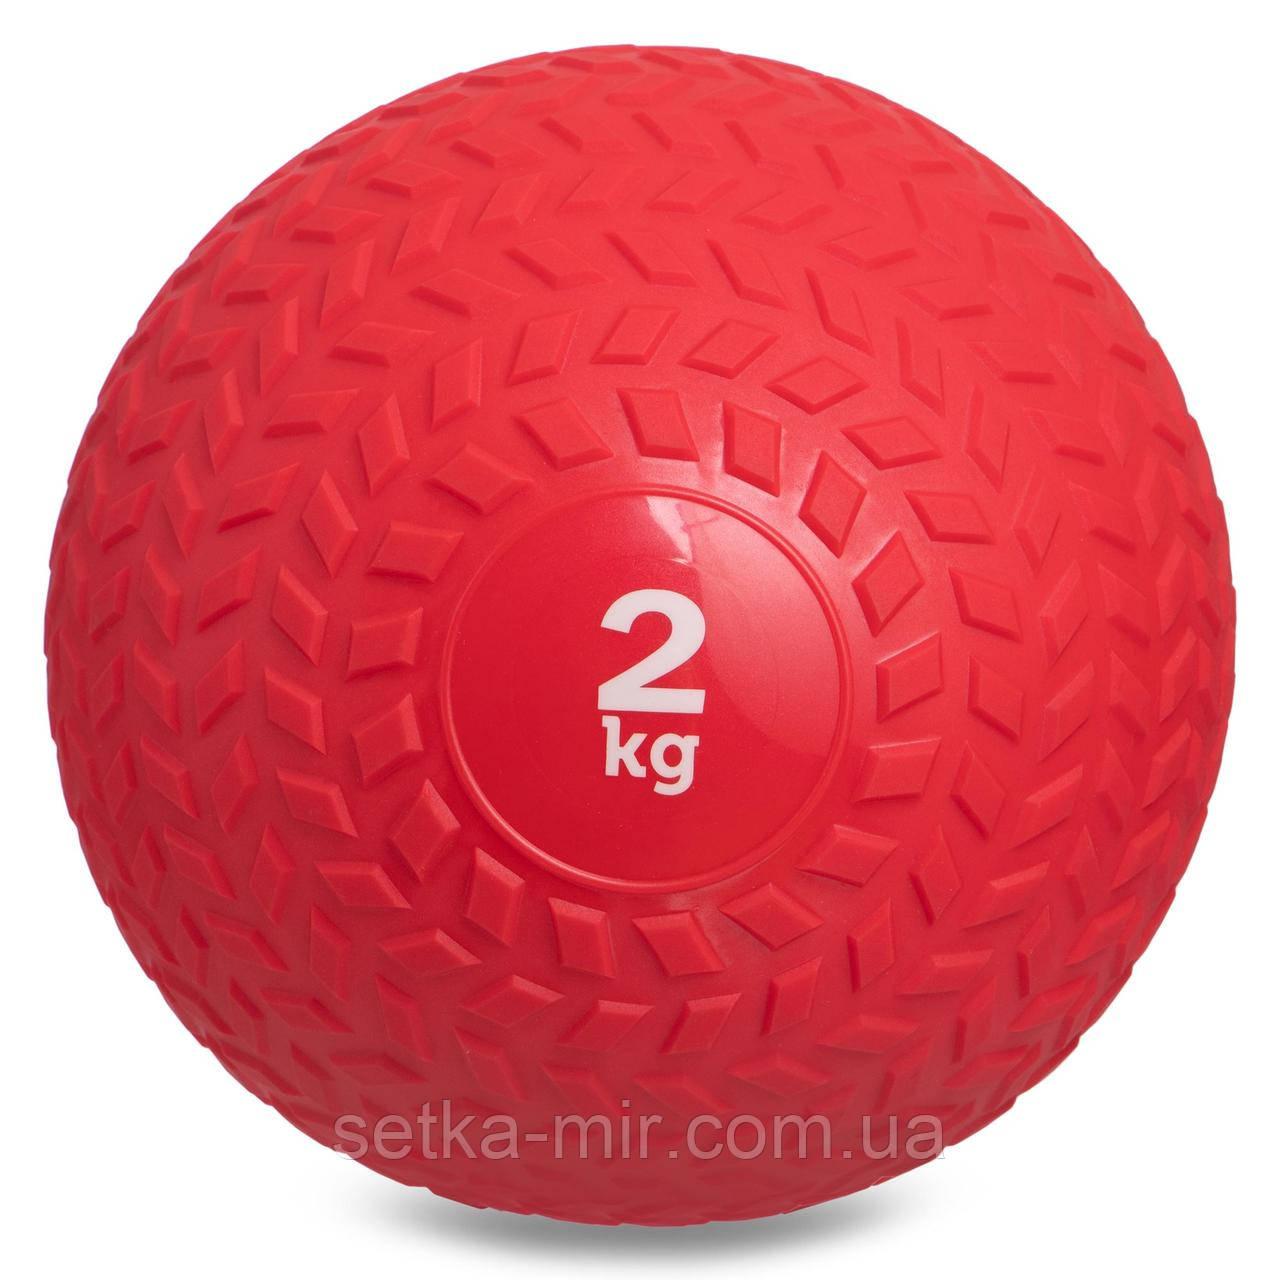 М'яч набивної слембол для кроссфіта рифлений Record SLAM BALL FI-5729-2 2 кг